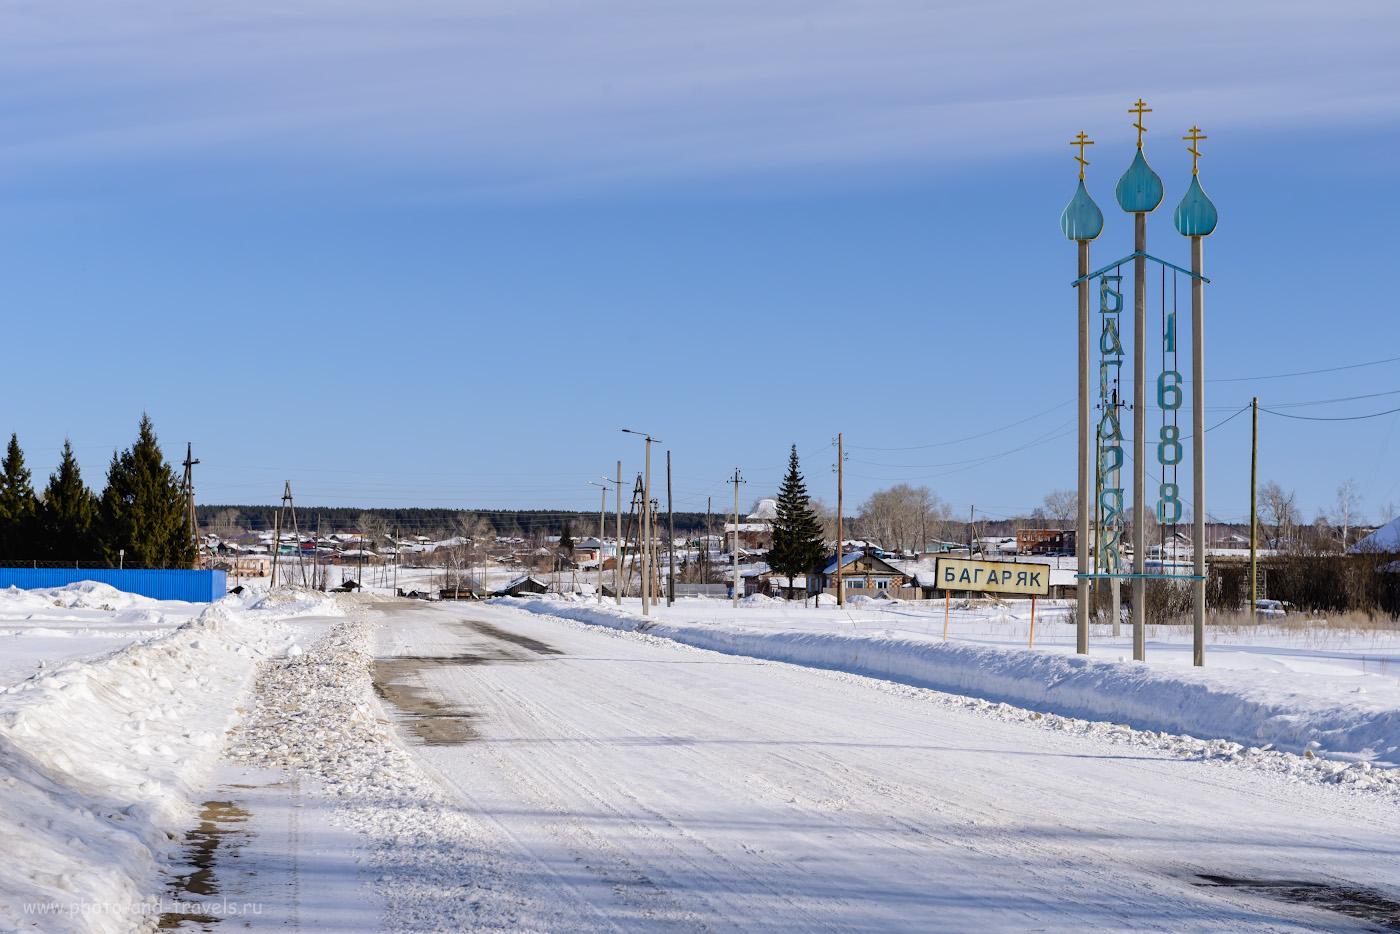 Фотография 2. Село Багаряк – одно из старейших поселений в Челябинской области. Здесь будет интересно побродить любому человеку с фотоаппаратом. 1/500, +0.33, 9.0, 360, 70.